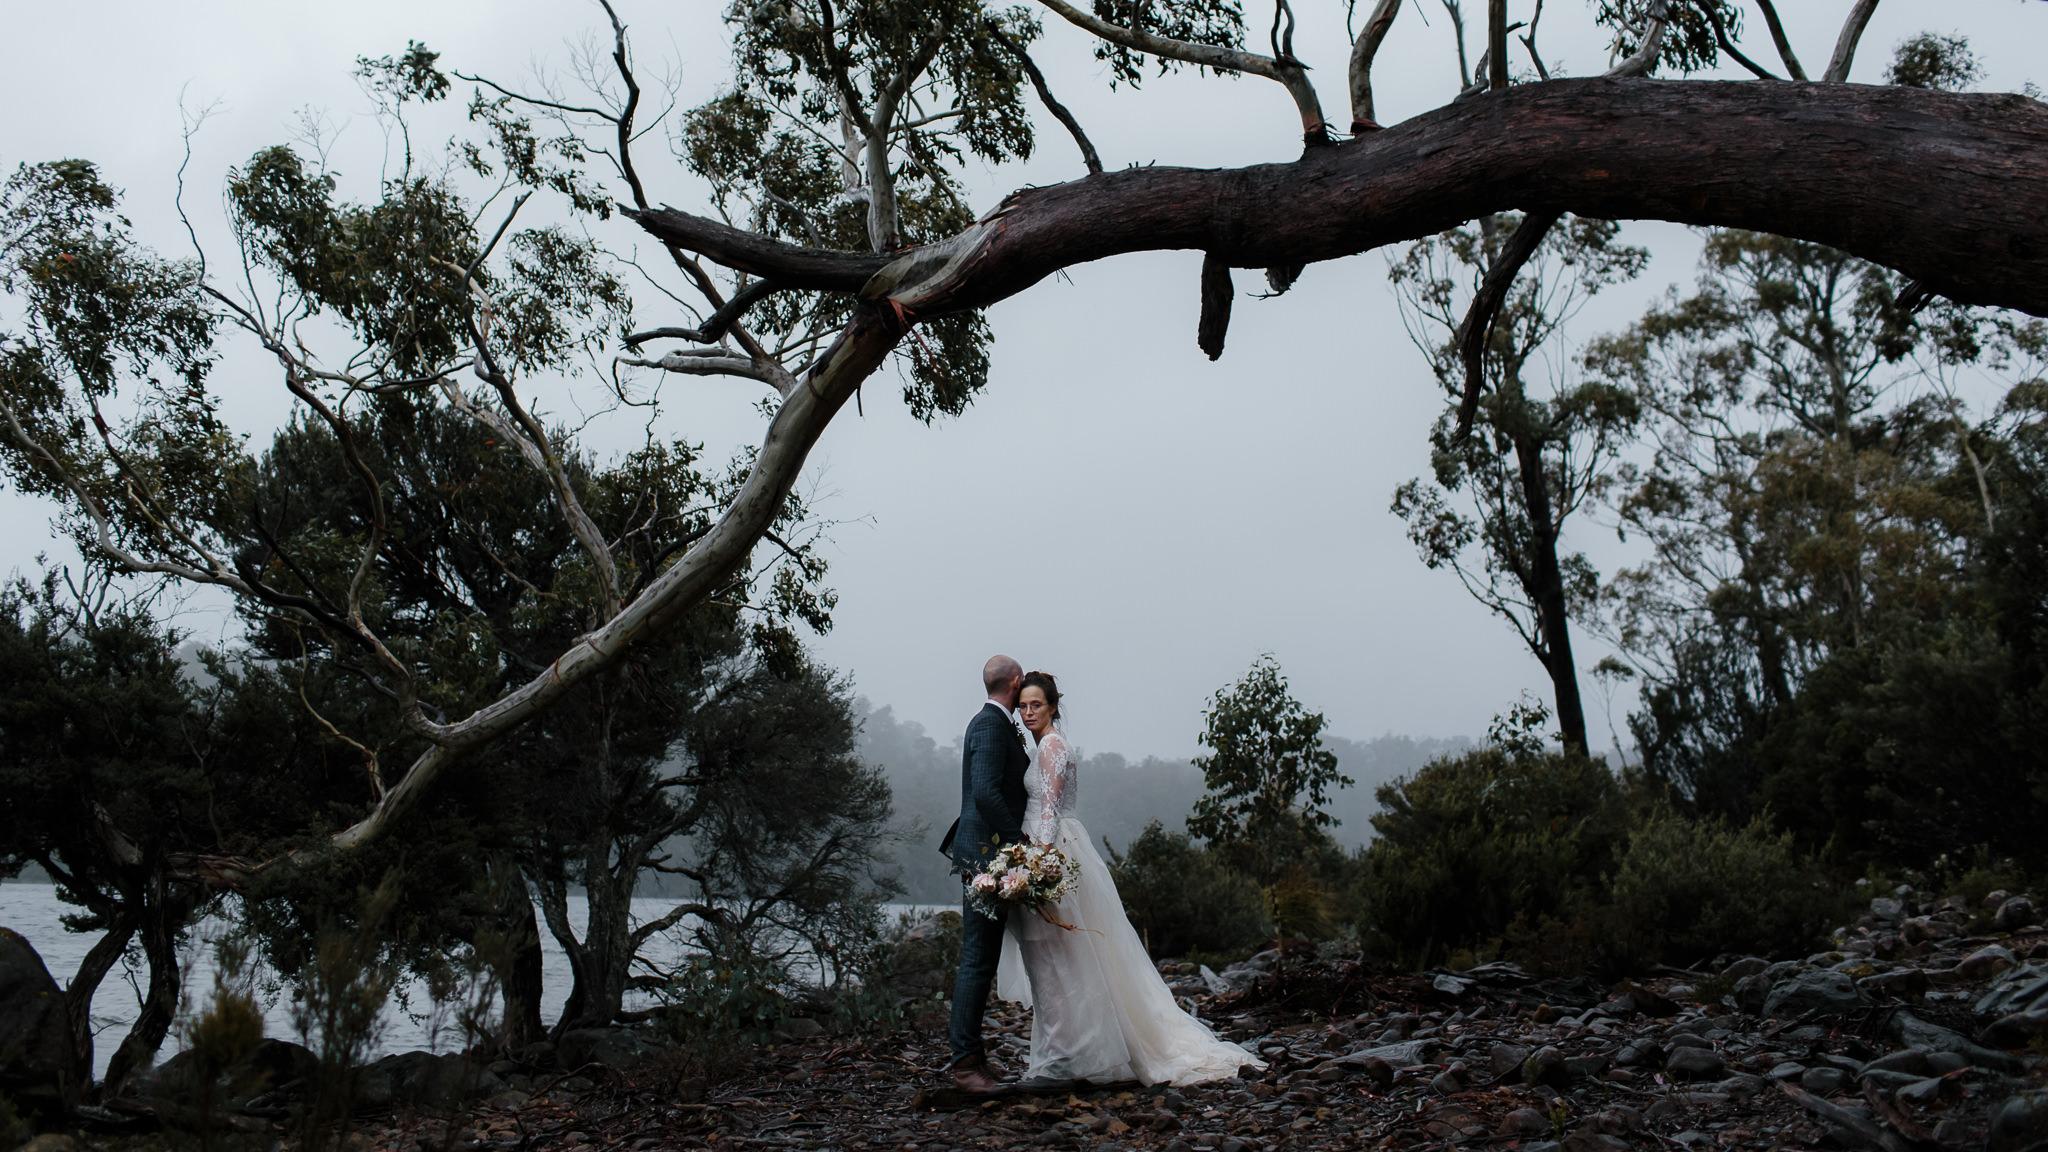 Pumphouse_Point_wedding_photography_elopement632.JPG